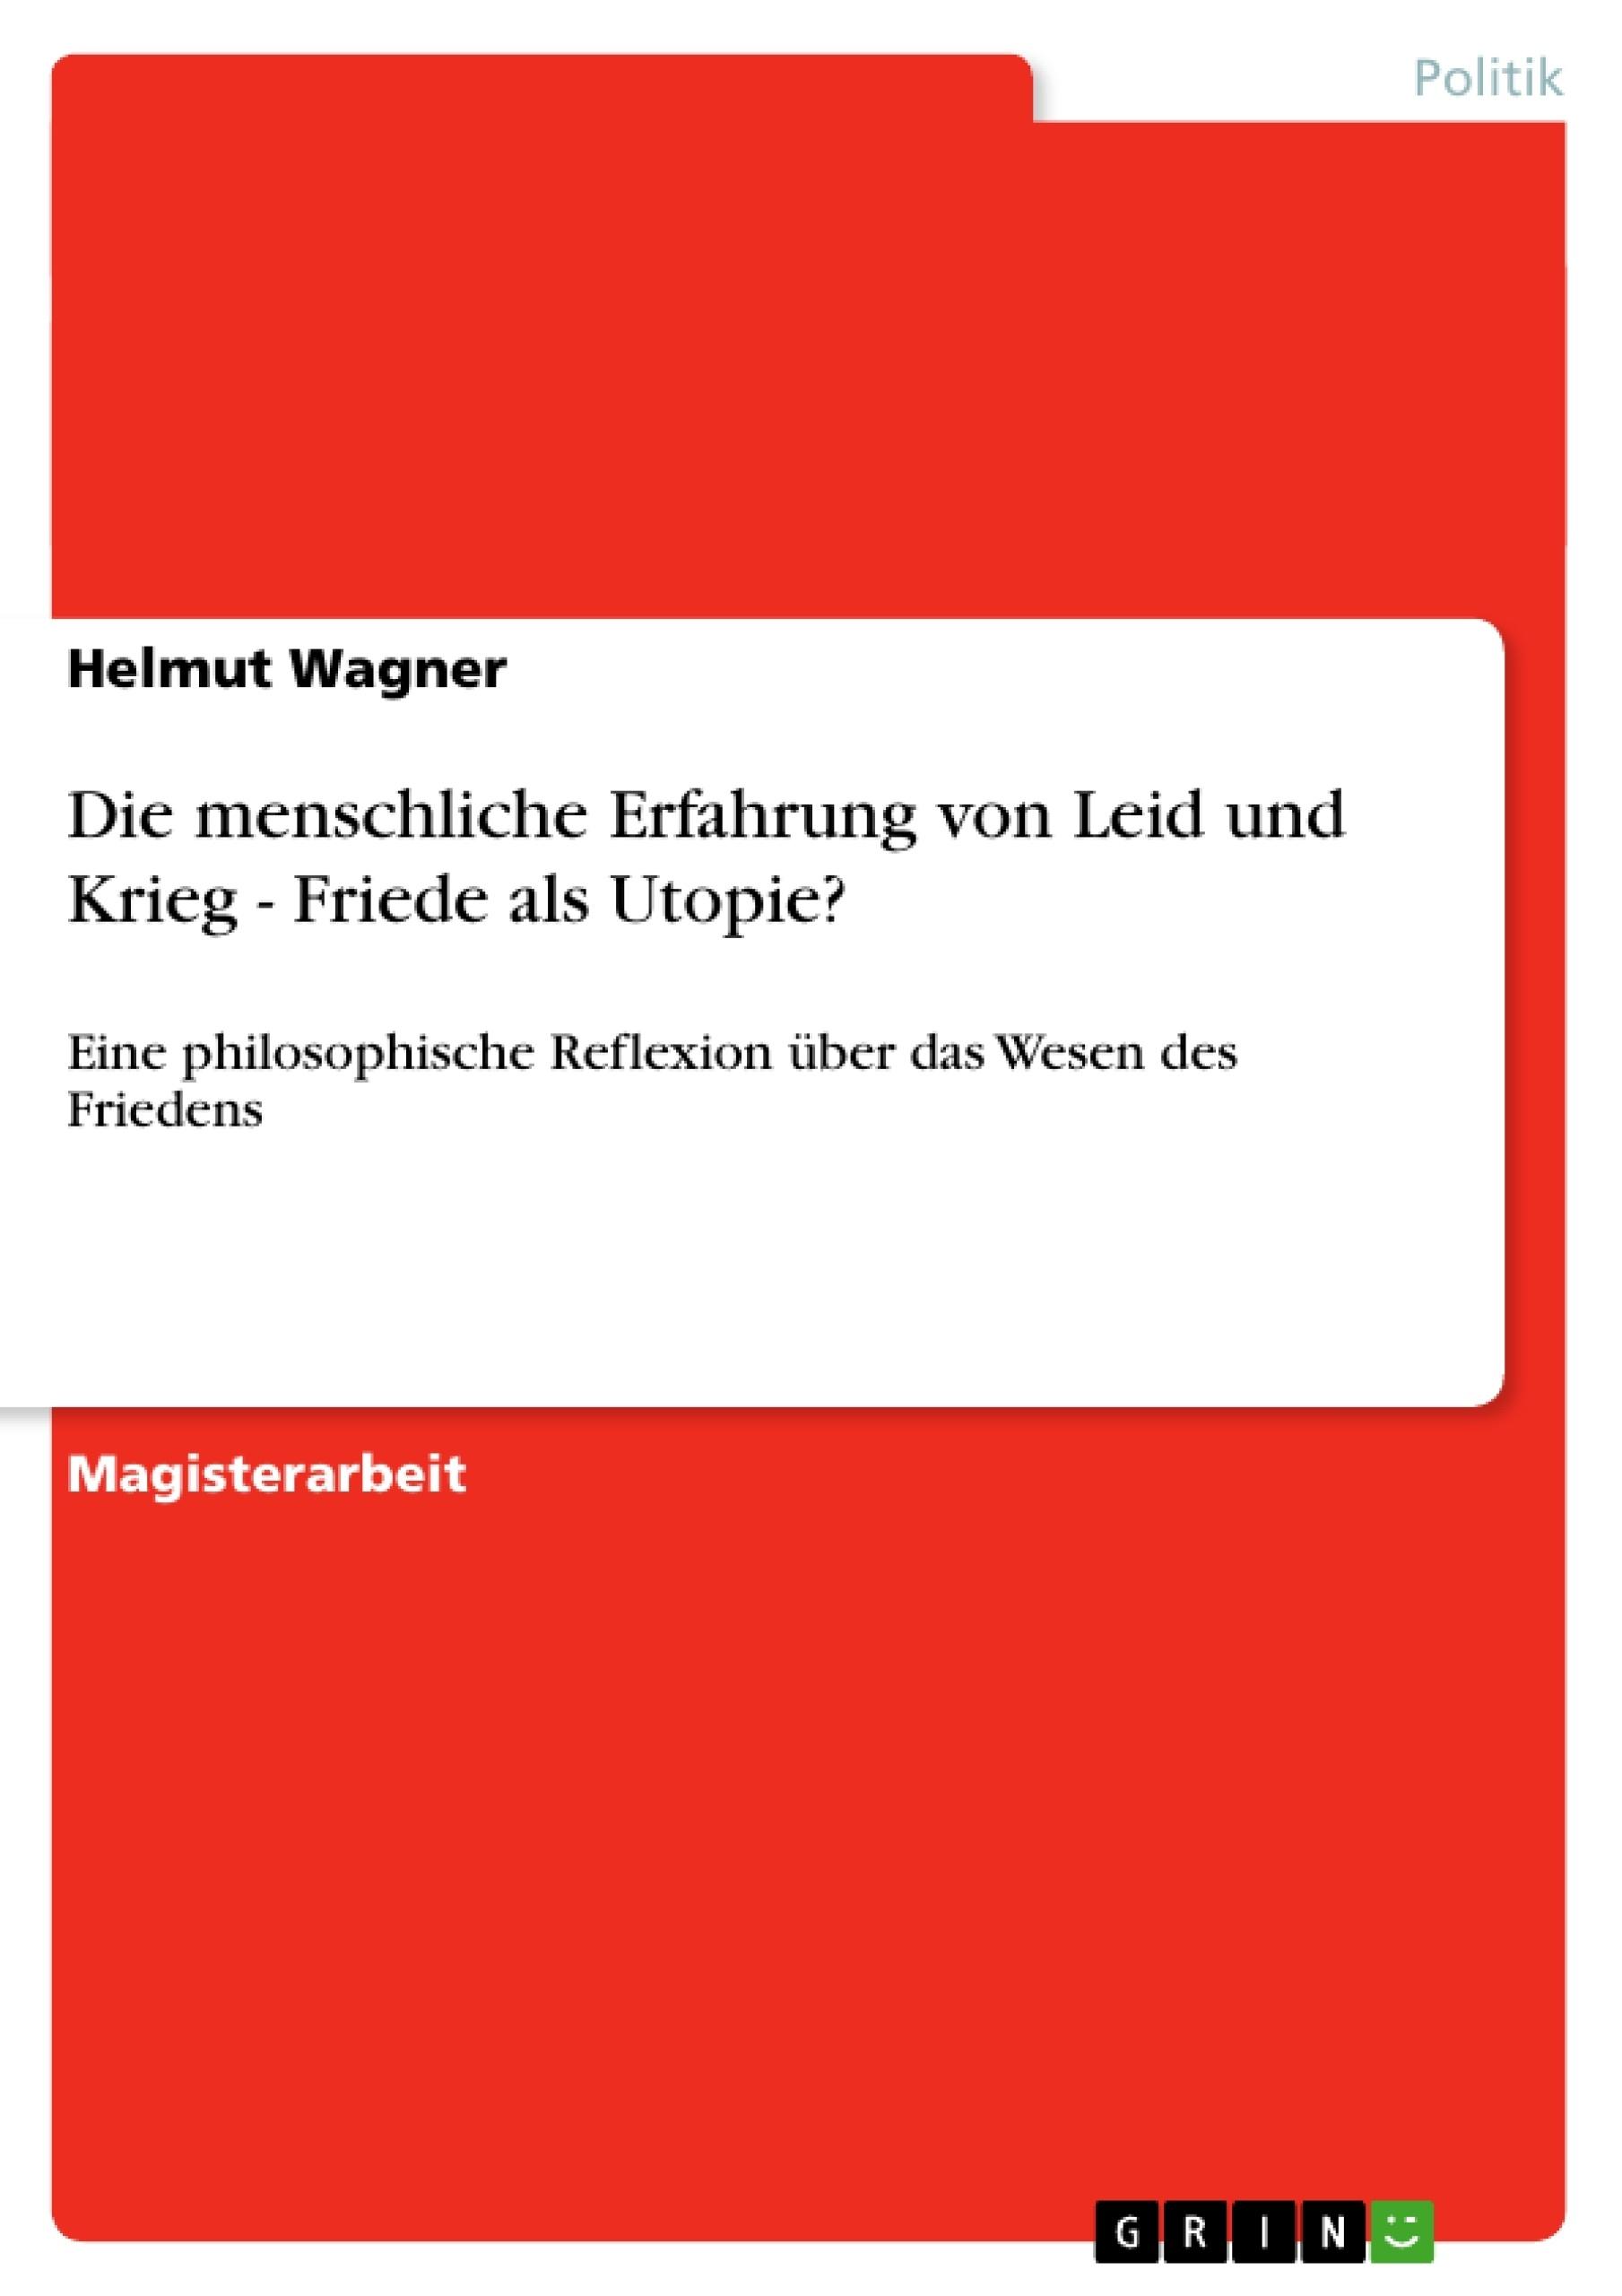 Titel: Die menschliche Erfahrung von Leid und Krieg - Friede als Utopie?